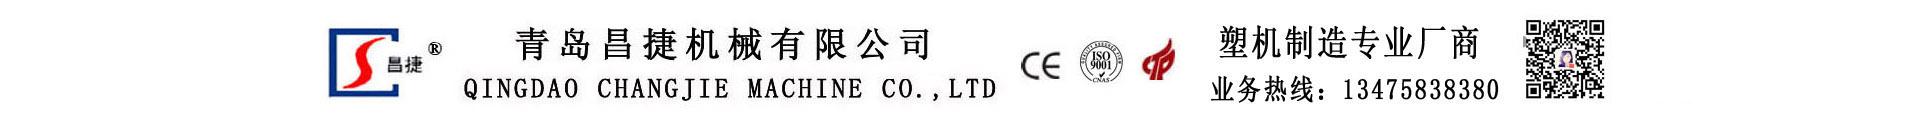 青島昌捷機械有限公司